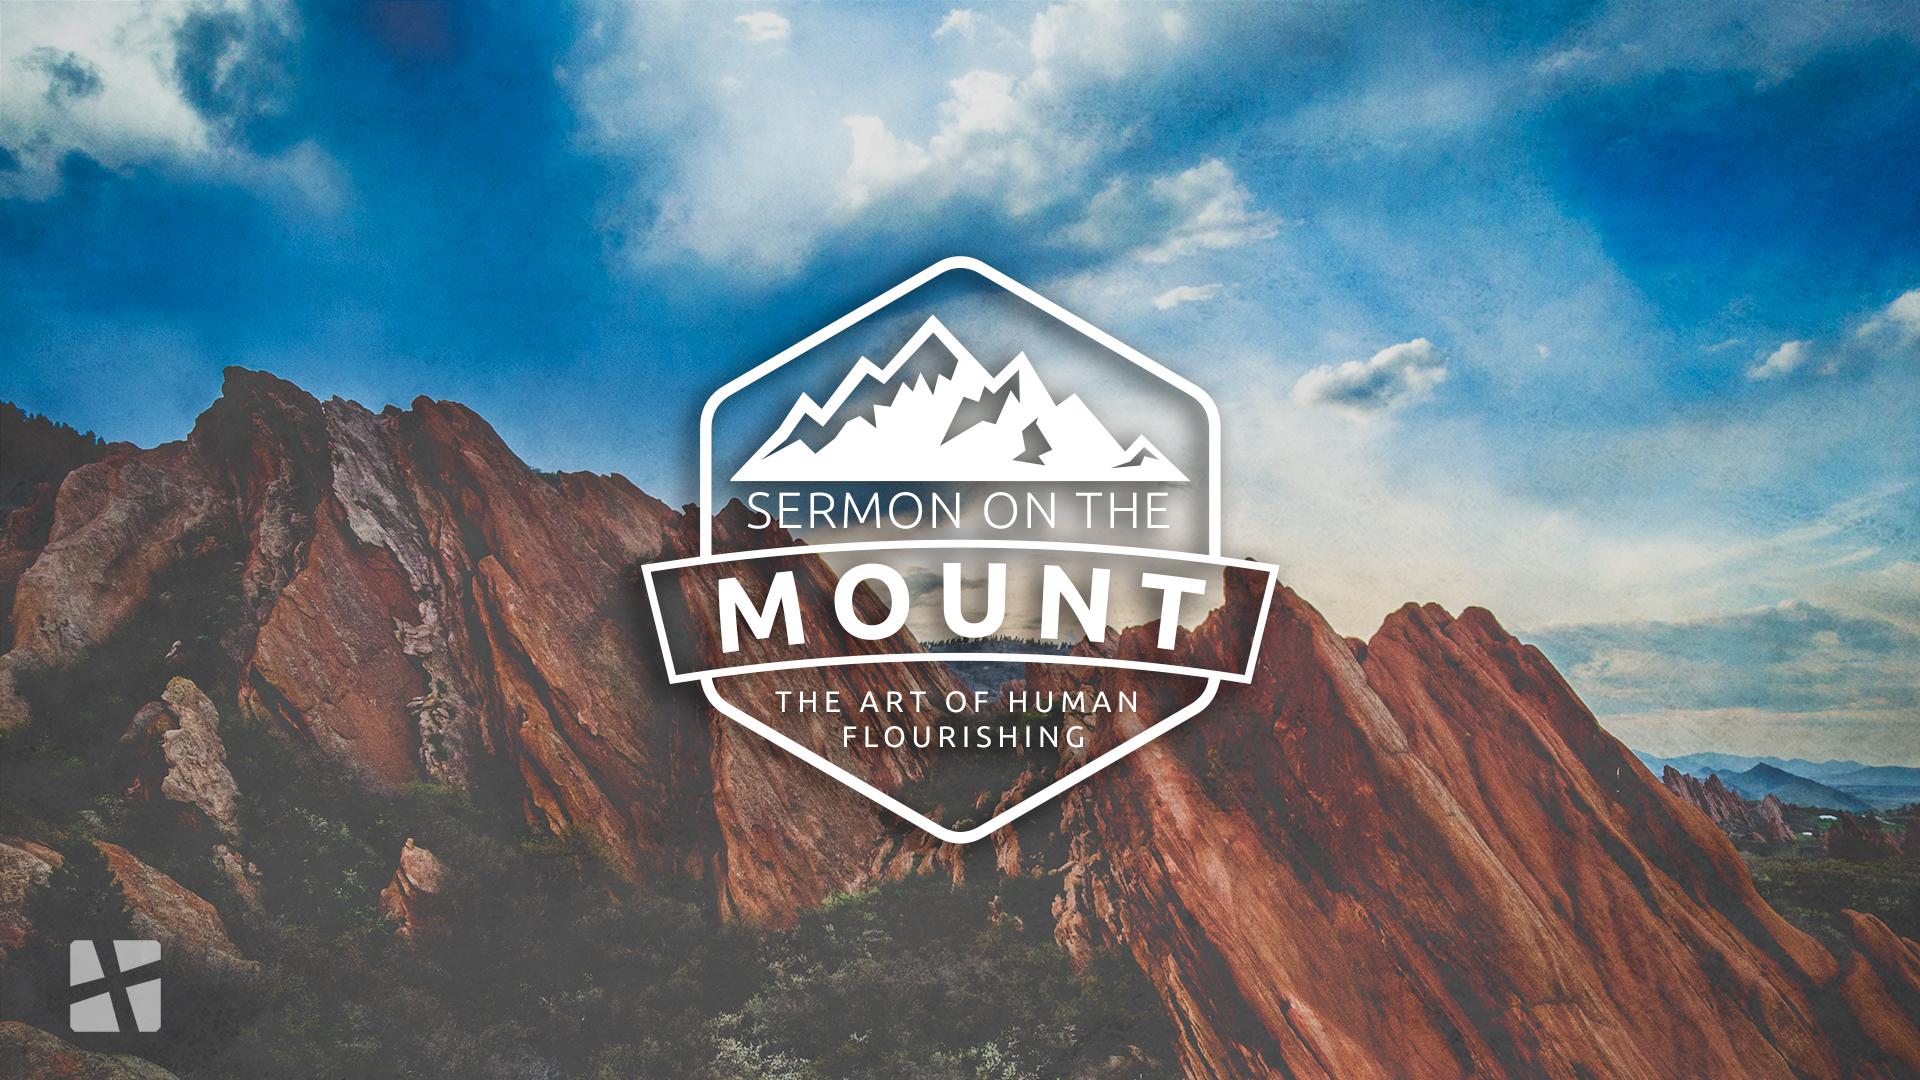 16x9 Sermon on the mount.jpg